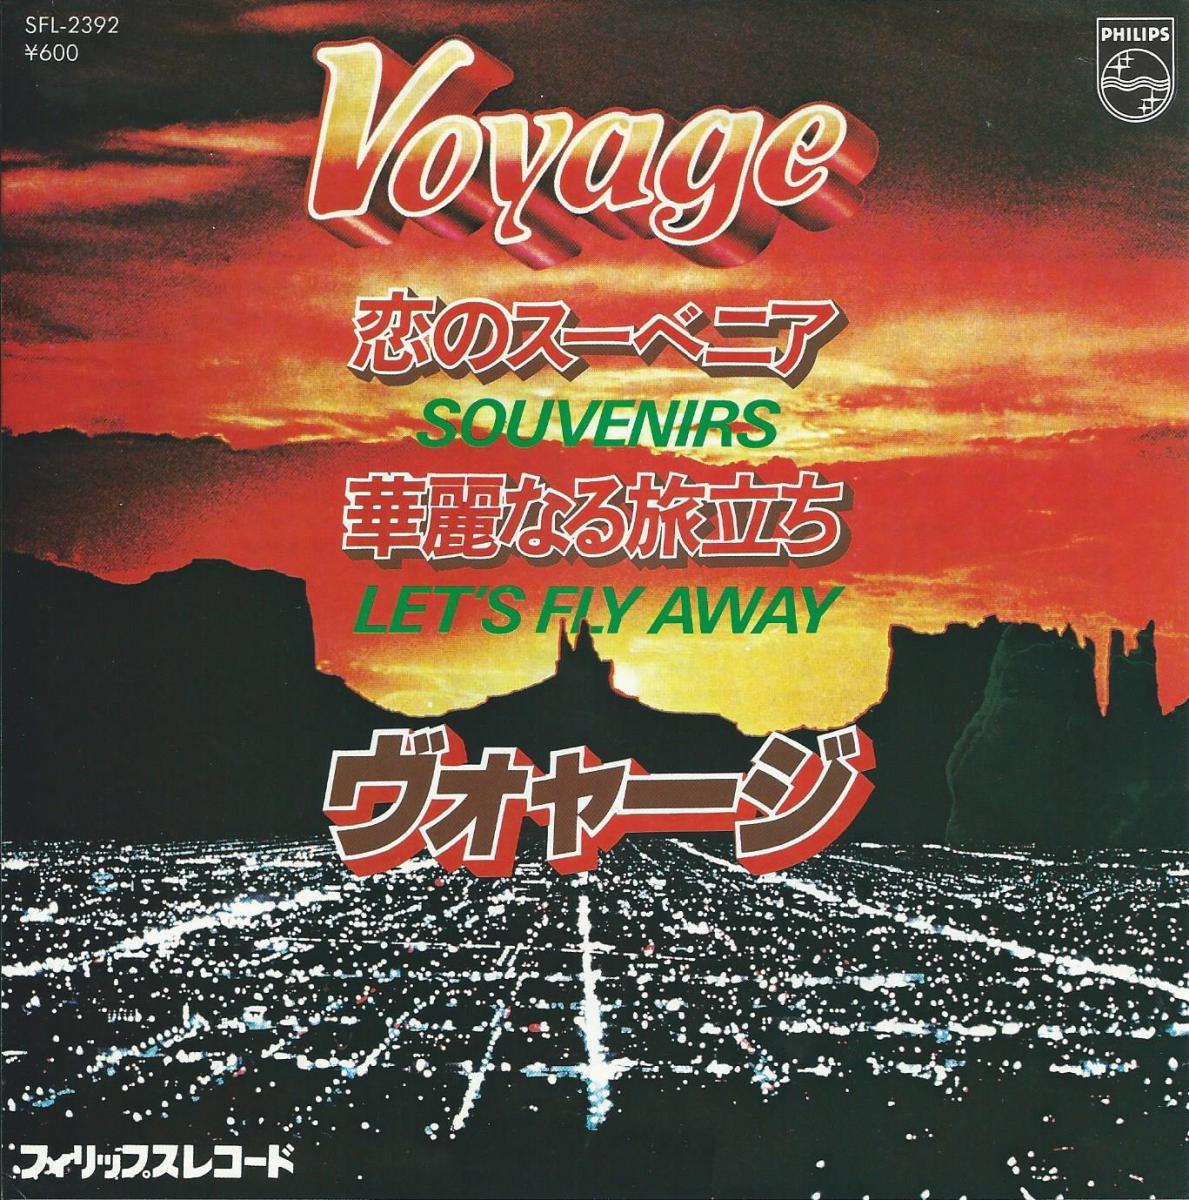 ヴォヤージ VOYAGE / 恋のスーベニア SOUVENIRS (7